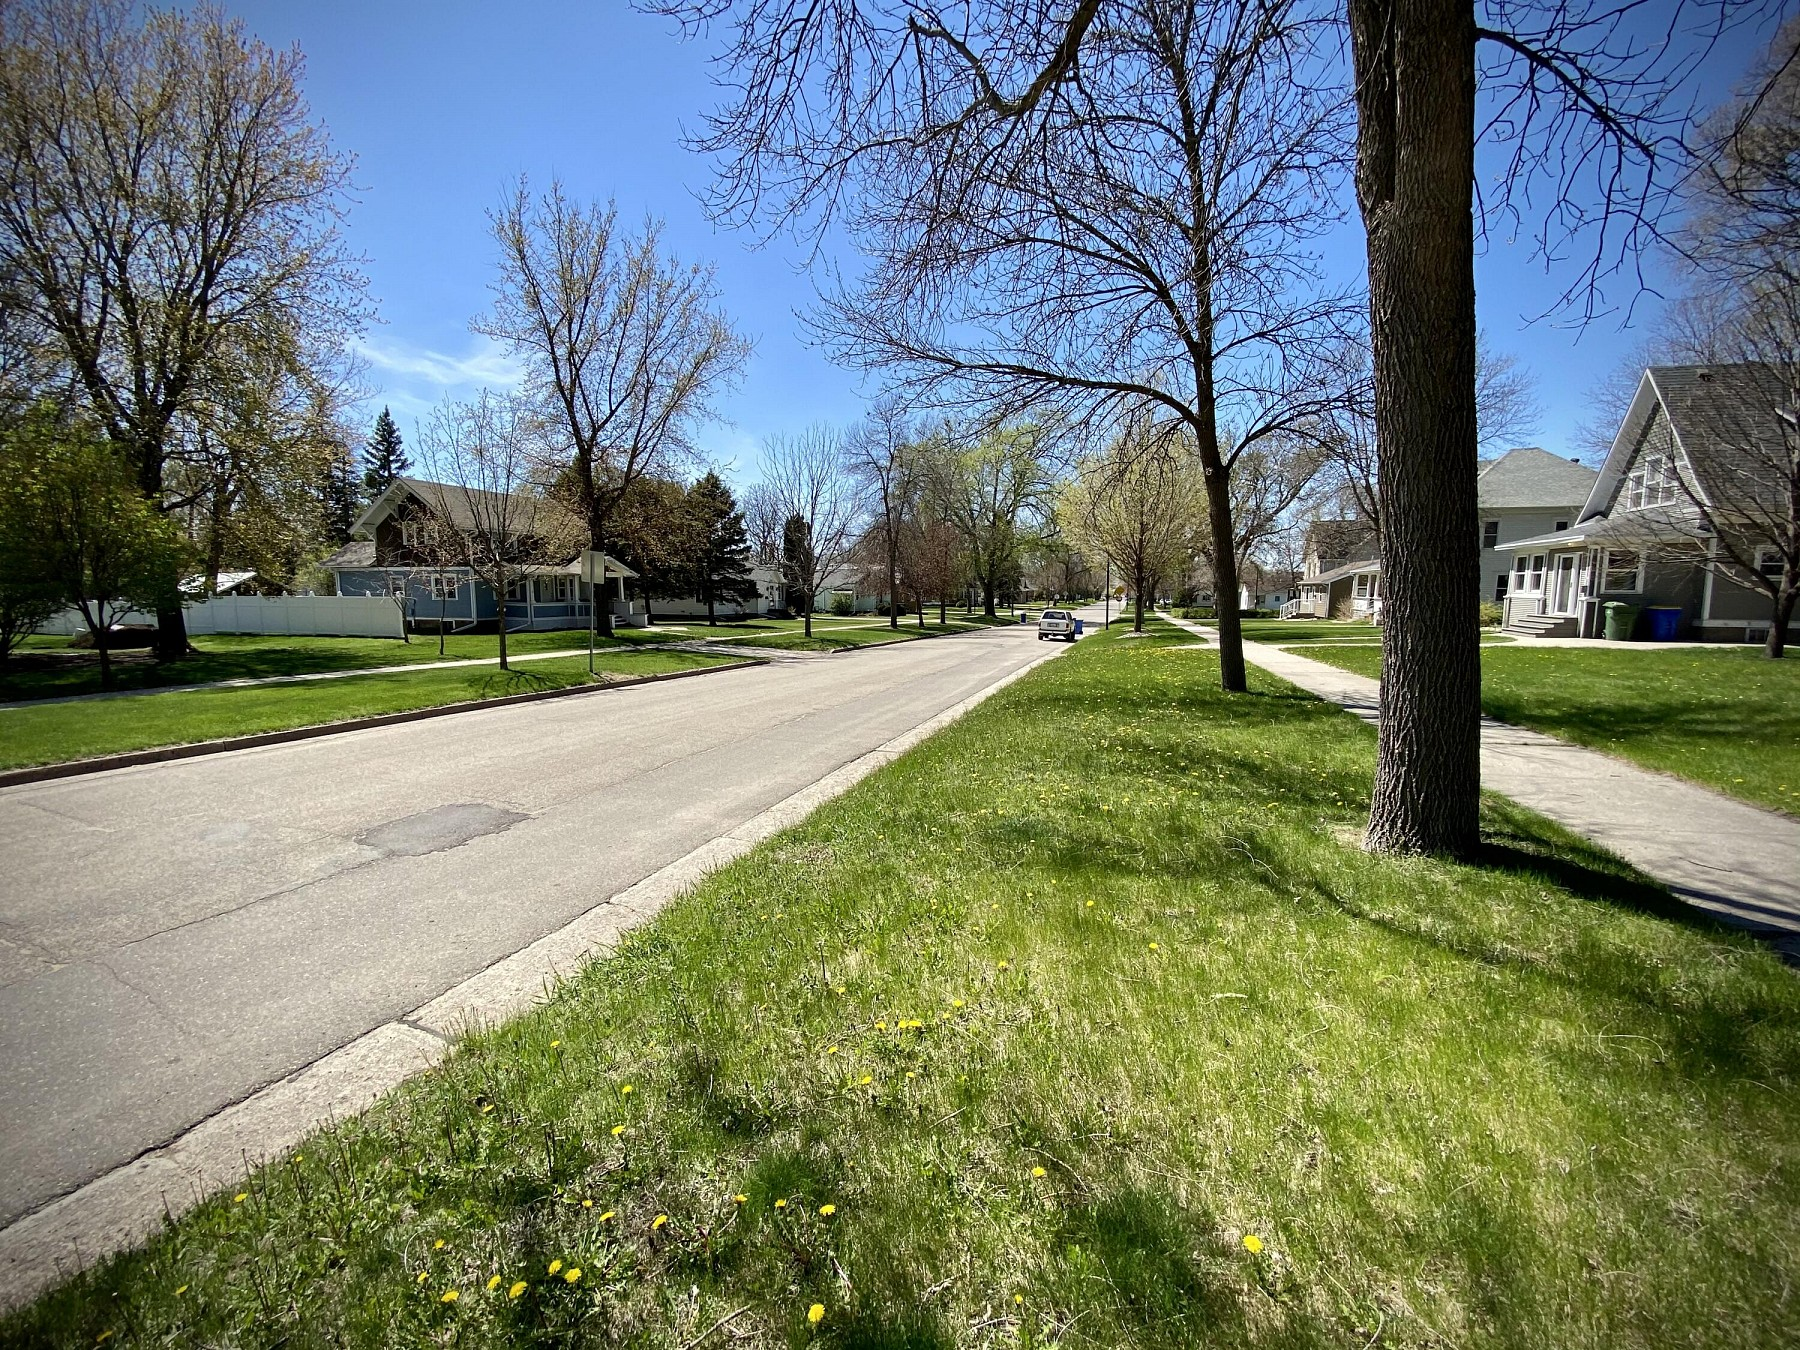 1025 2ndStreet, Brookings, SD 57006